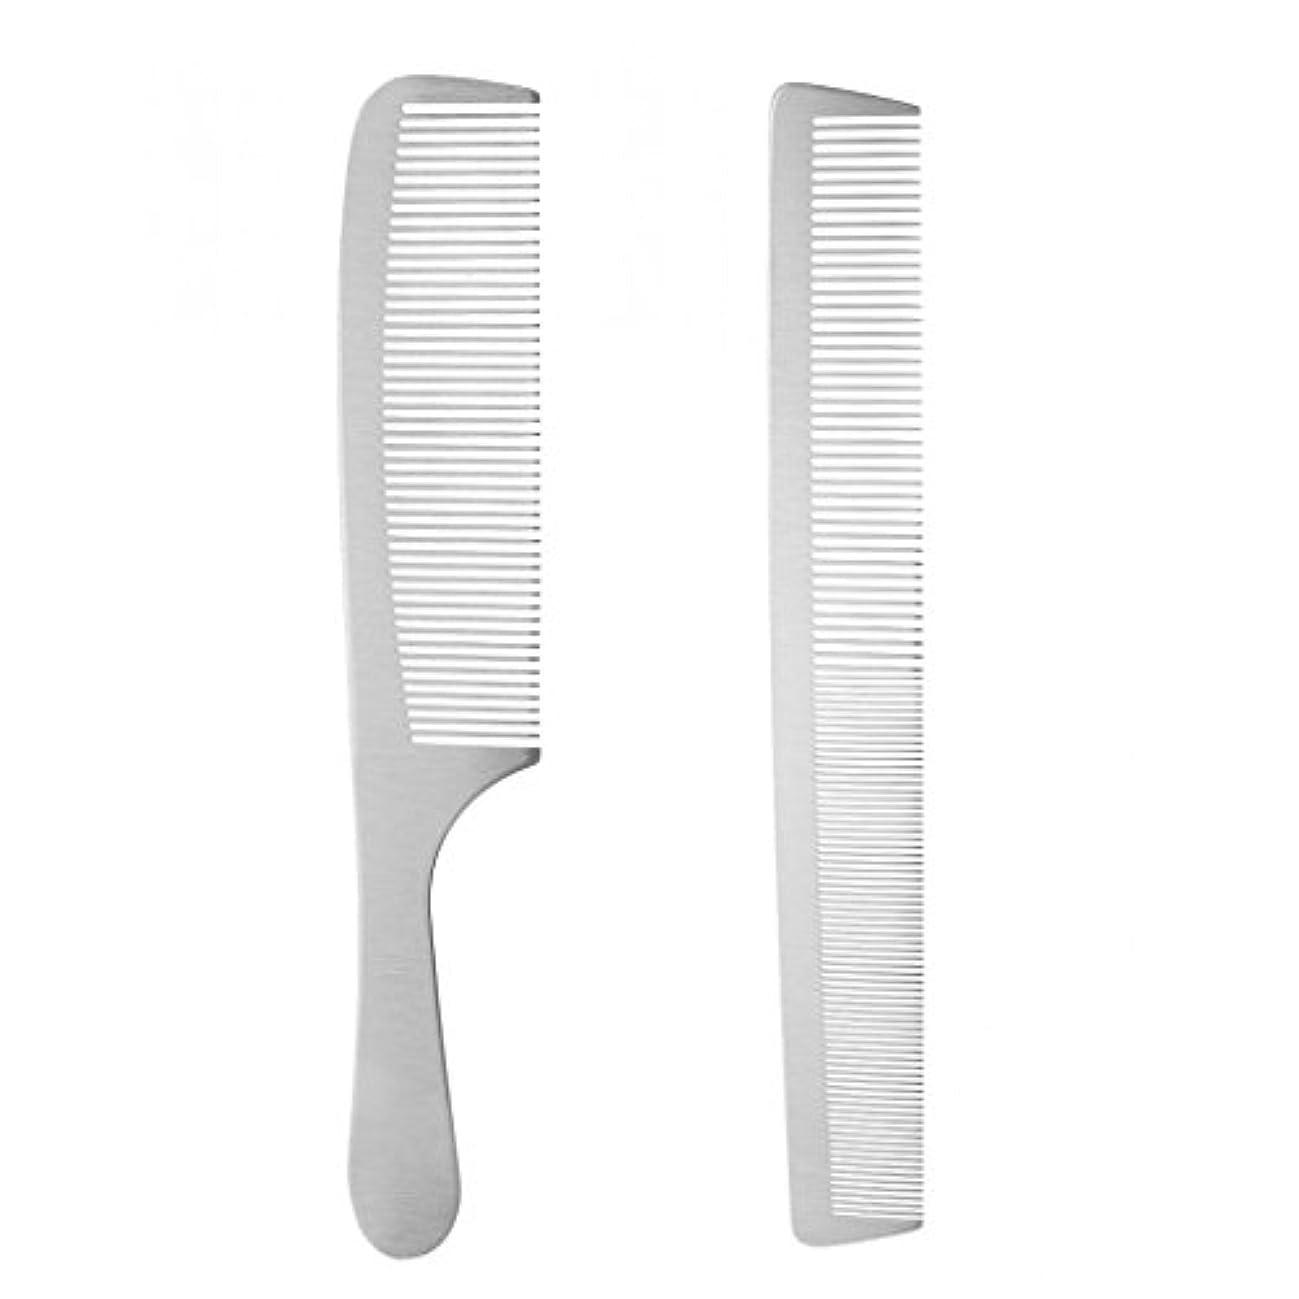 放つ学んだ微弱2倍のステンレス鋼サロンの理髪師ヘアスタイリングヘアカットカッティングヘアブラシ